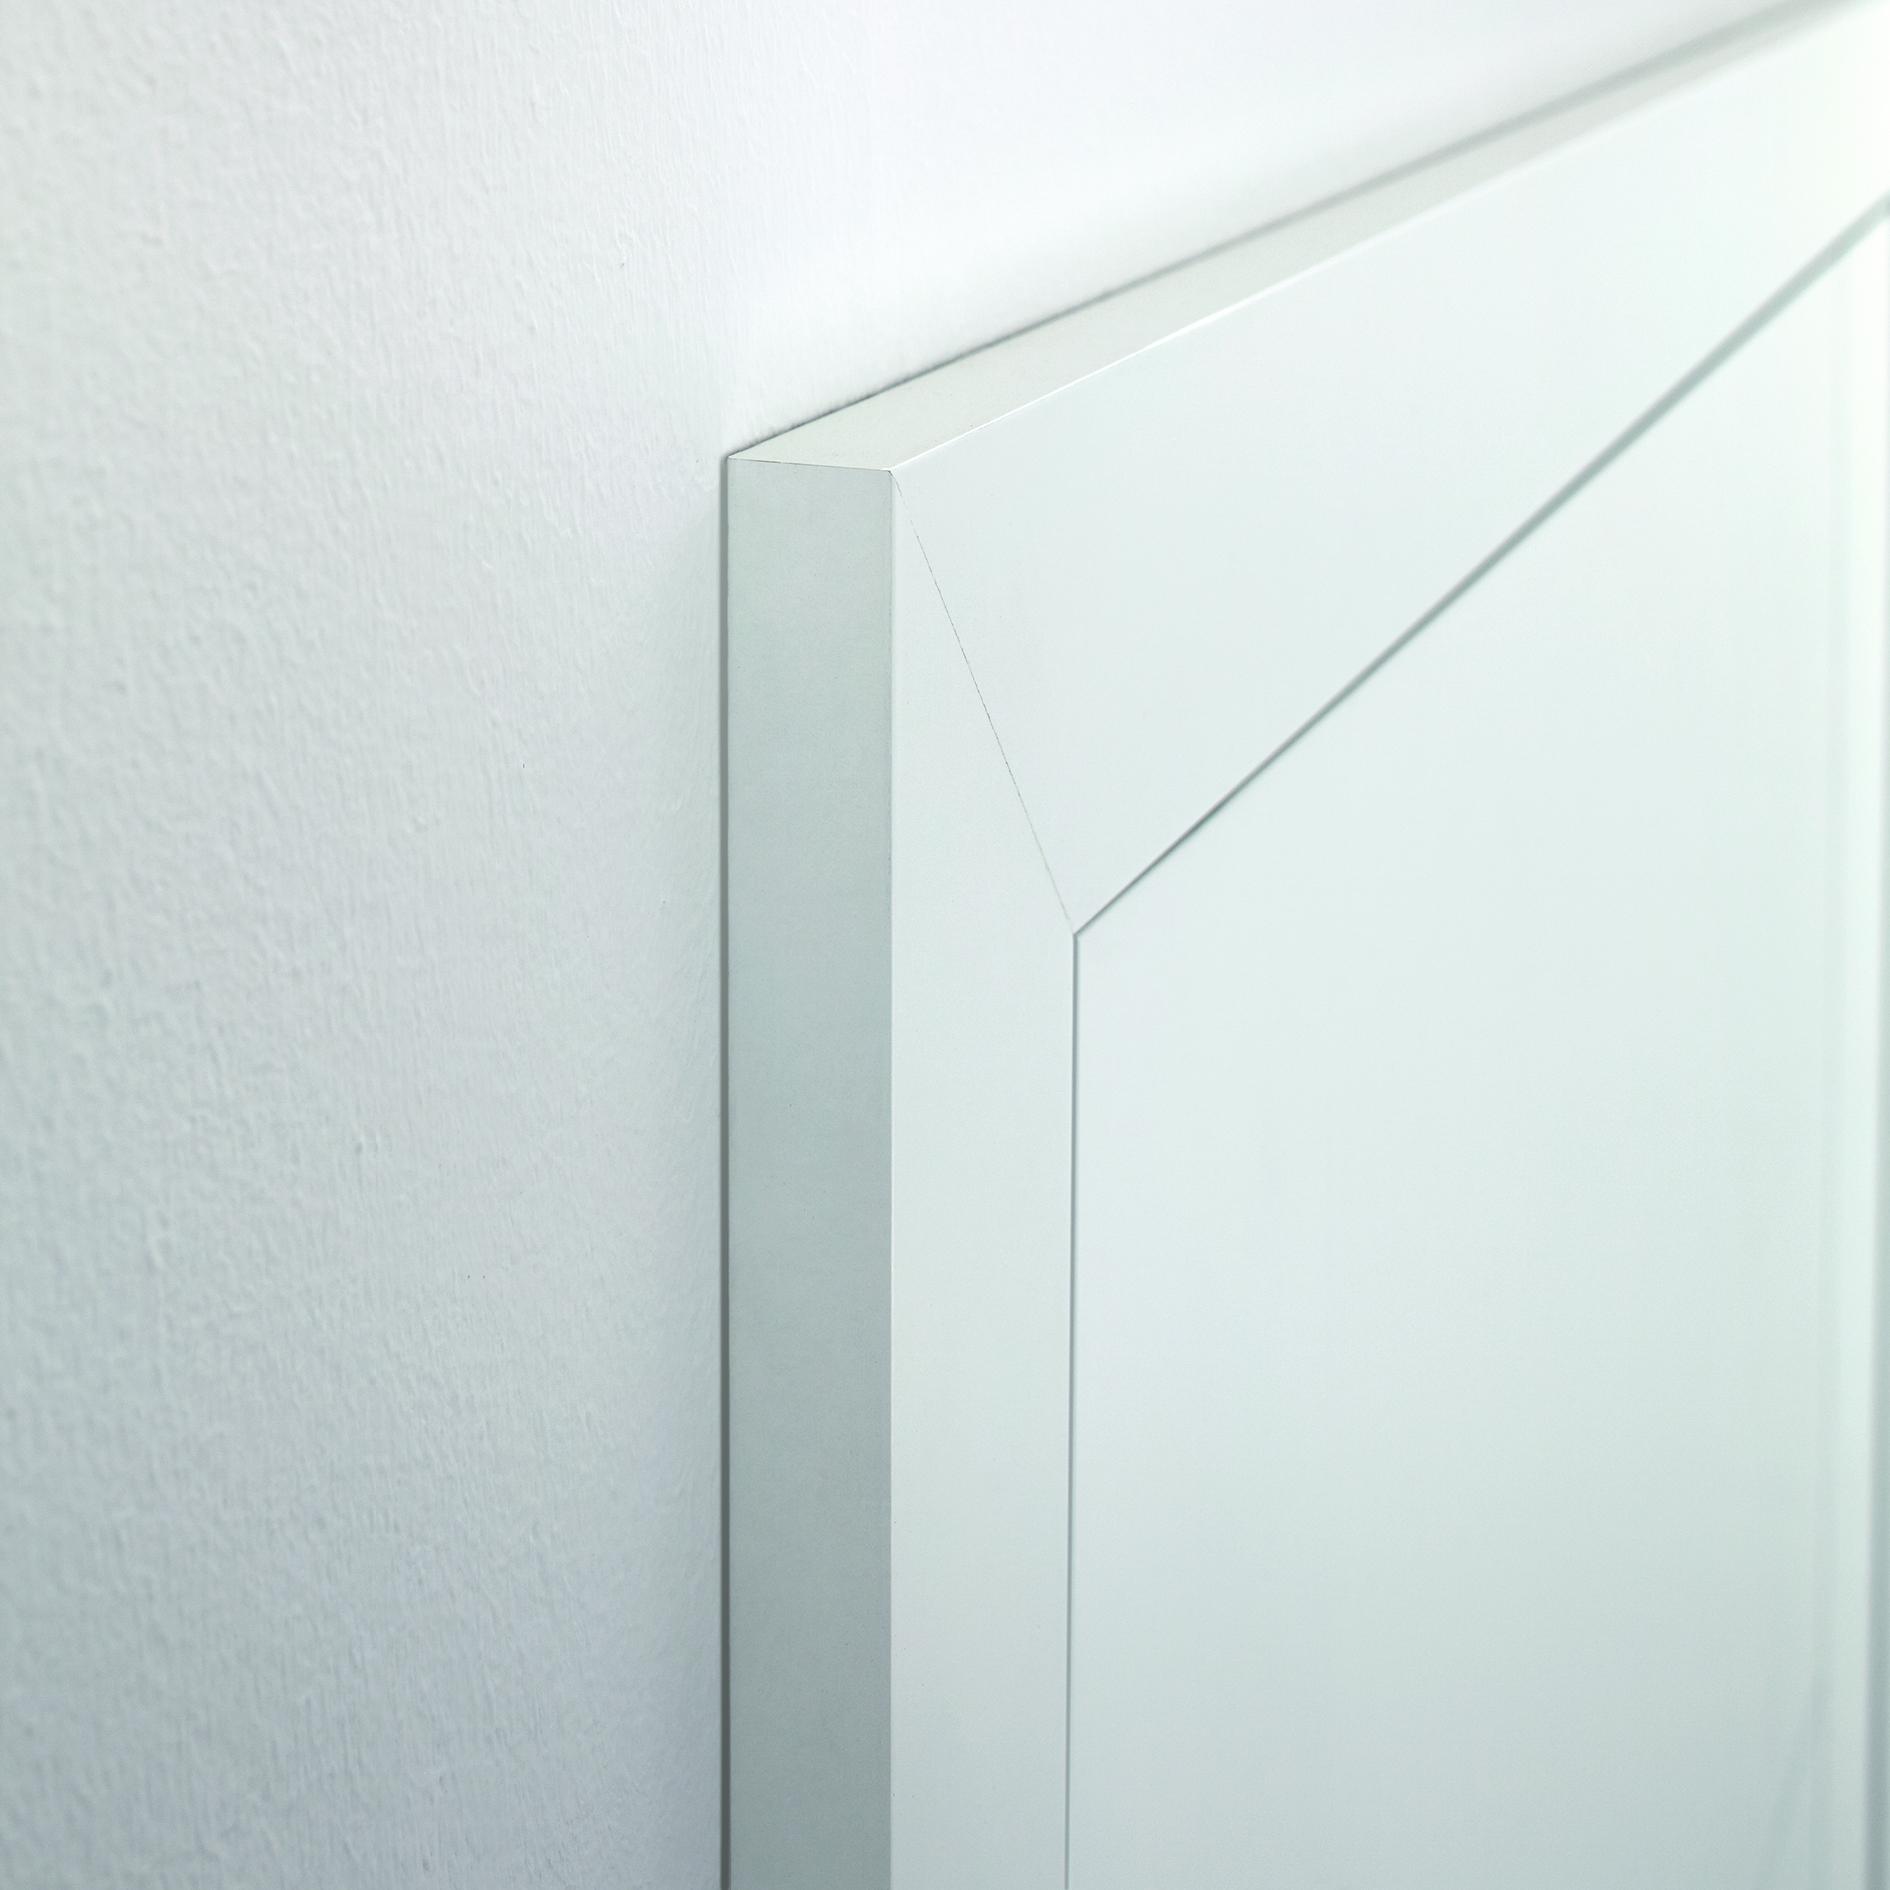 Vendula - Interiérové dveře, bezfalcové, plné, hladké, bílé 1970